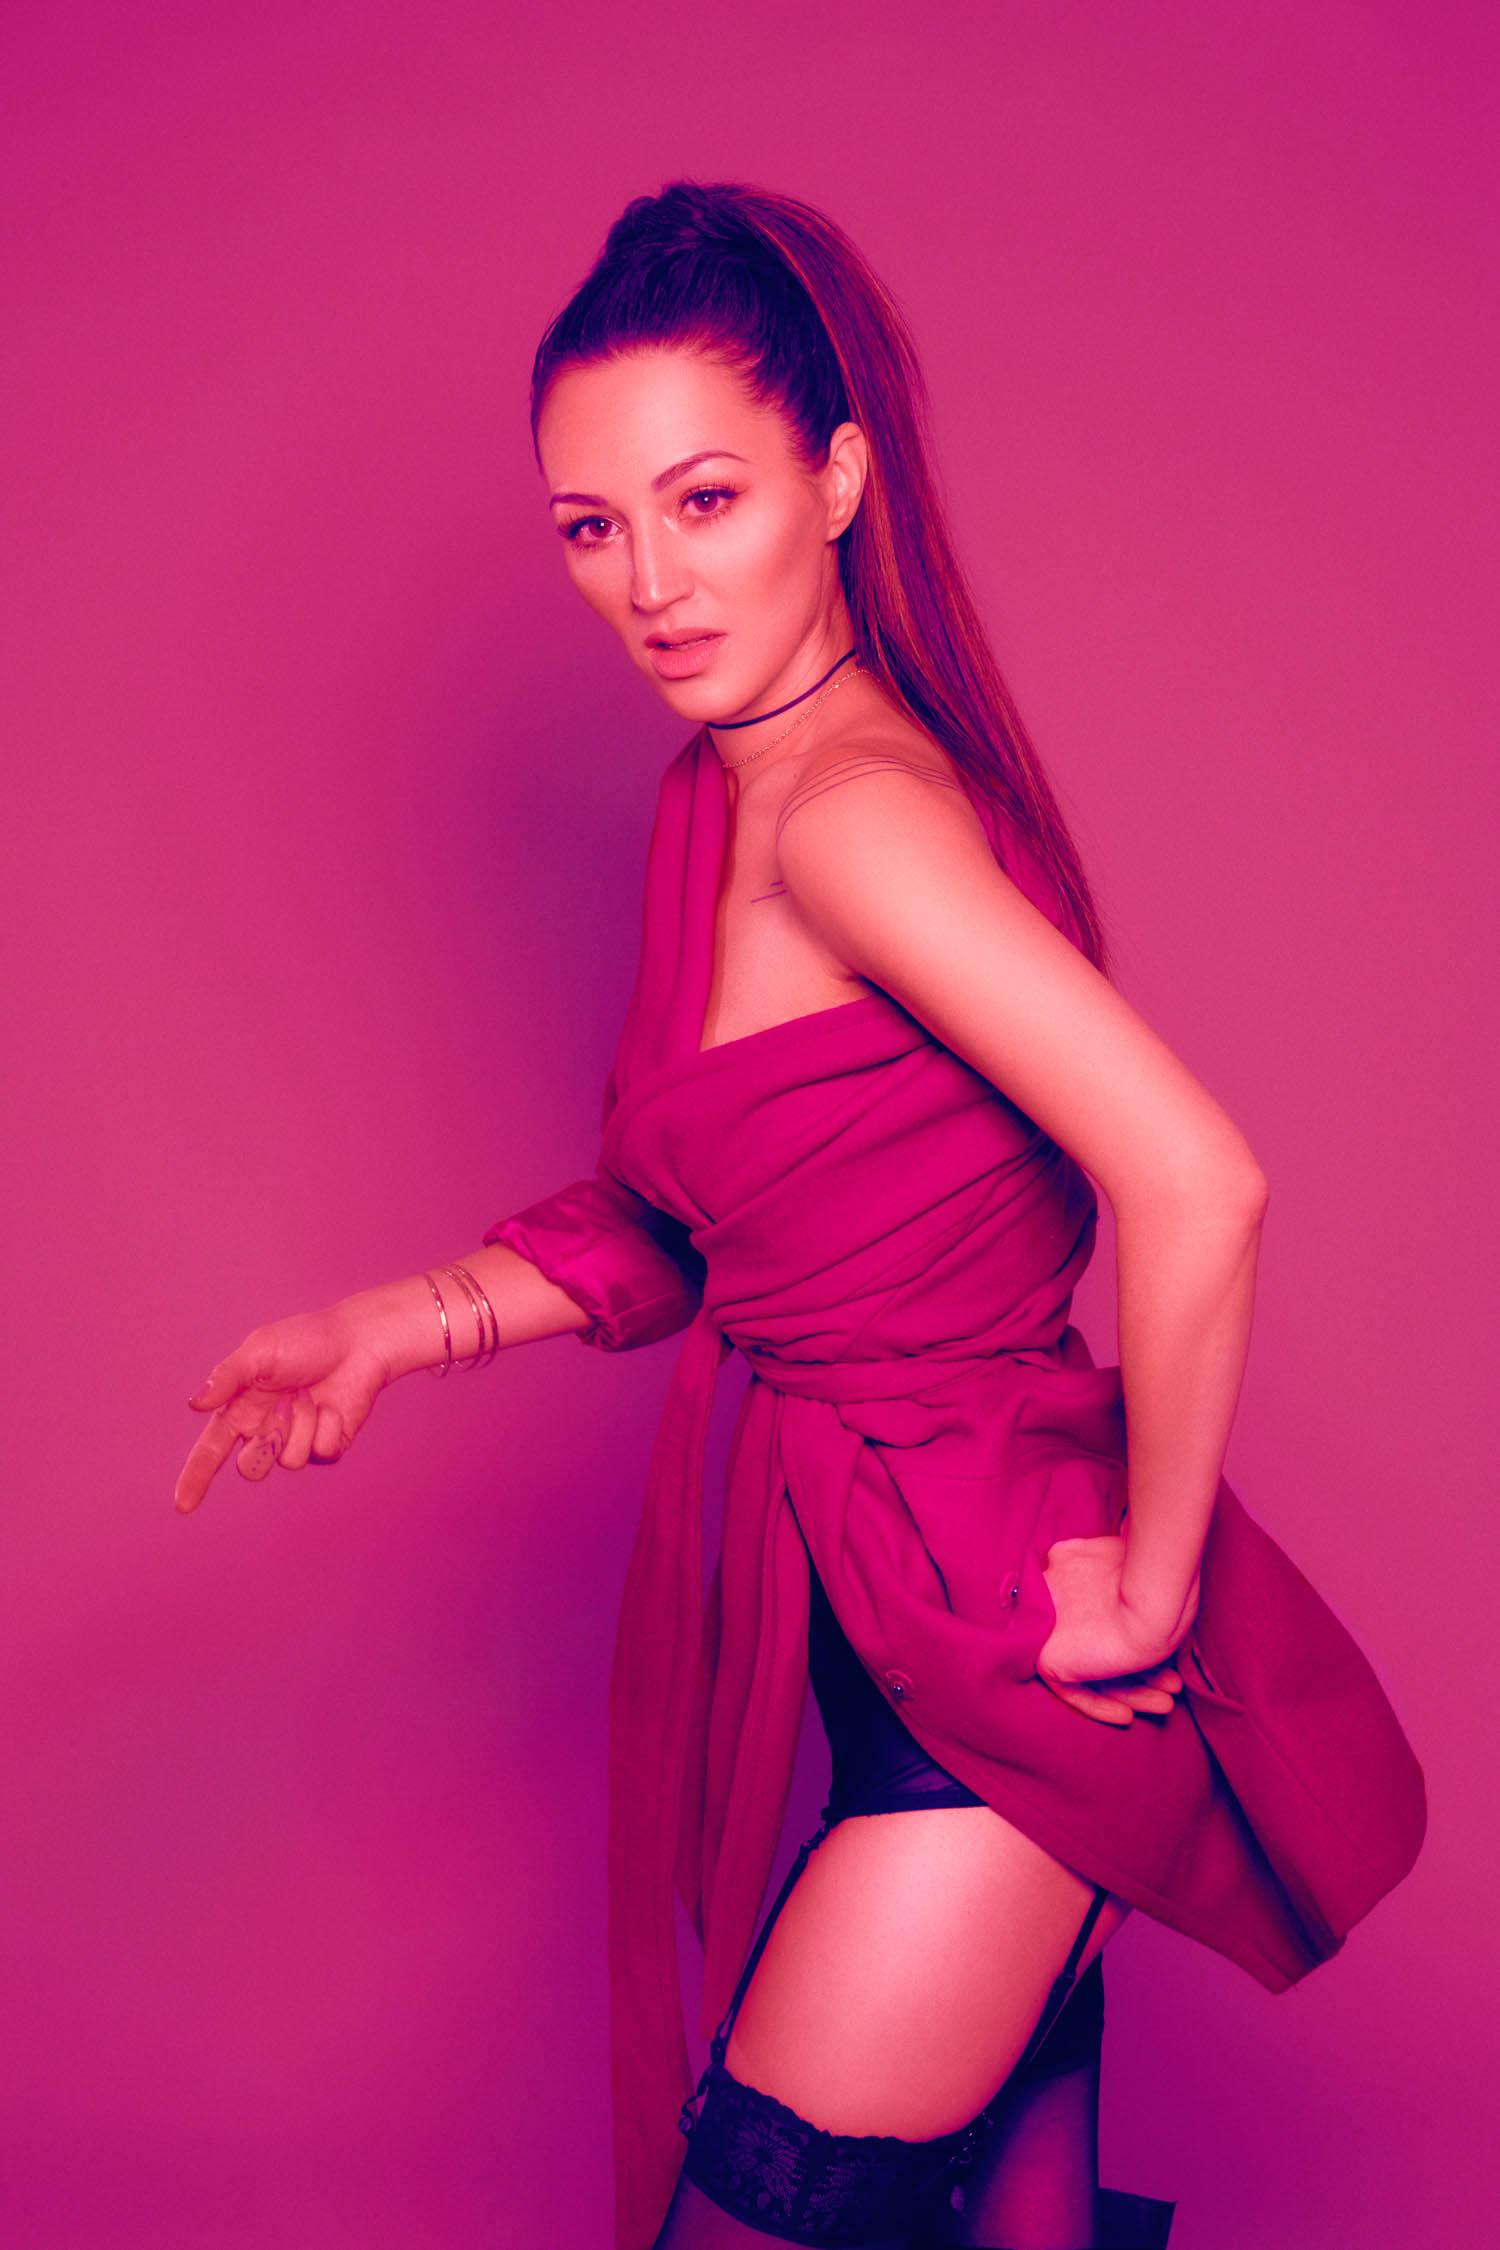 hot pink boudoir photography